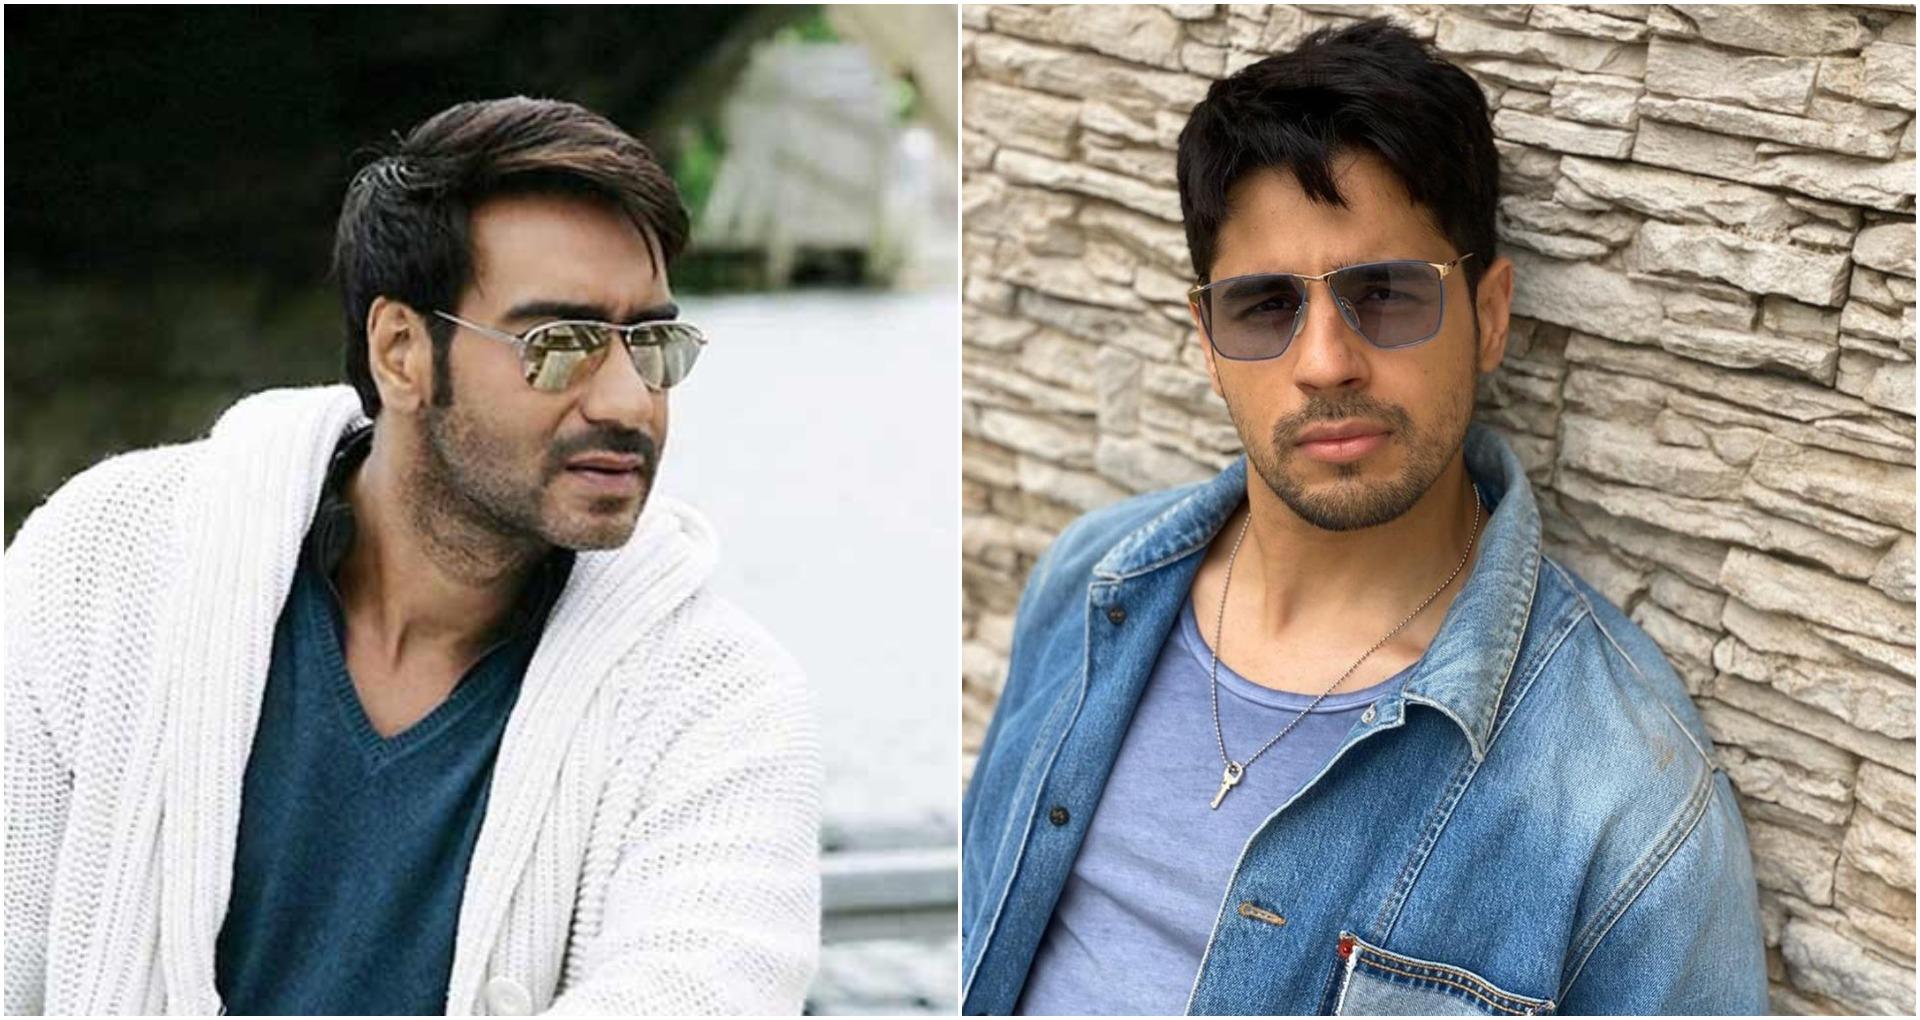 EXCLUSIVE: सिद्धार्थ मल्होत्रा को मिला तानाजी अजय देवगन का साथ, बनने जा रही है ब्लॉकबस्टर, पढ़ें डिटेल्स